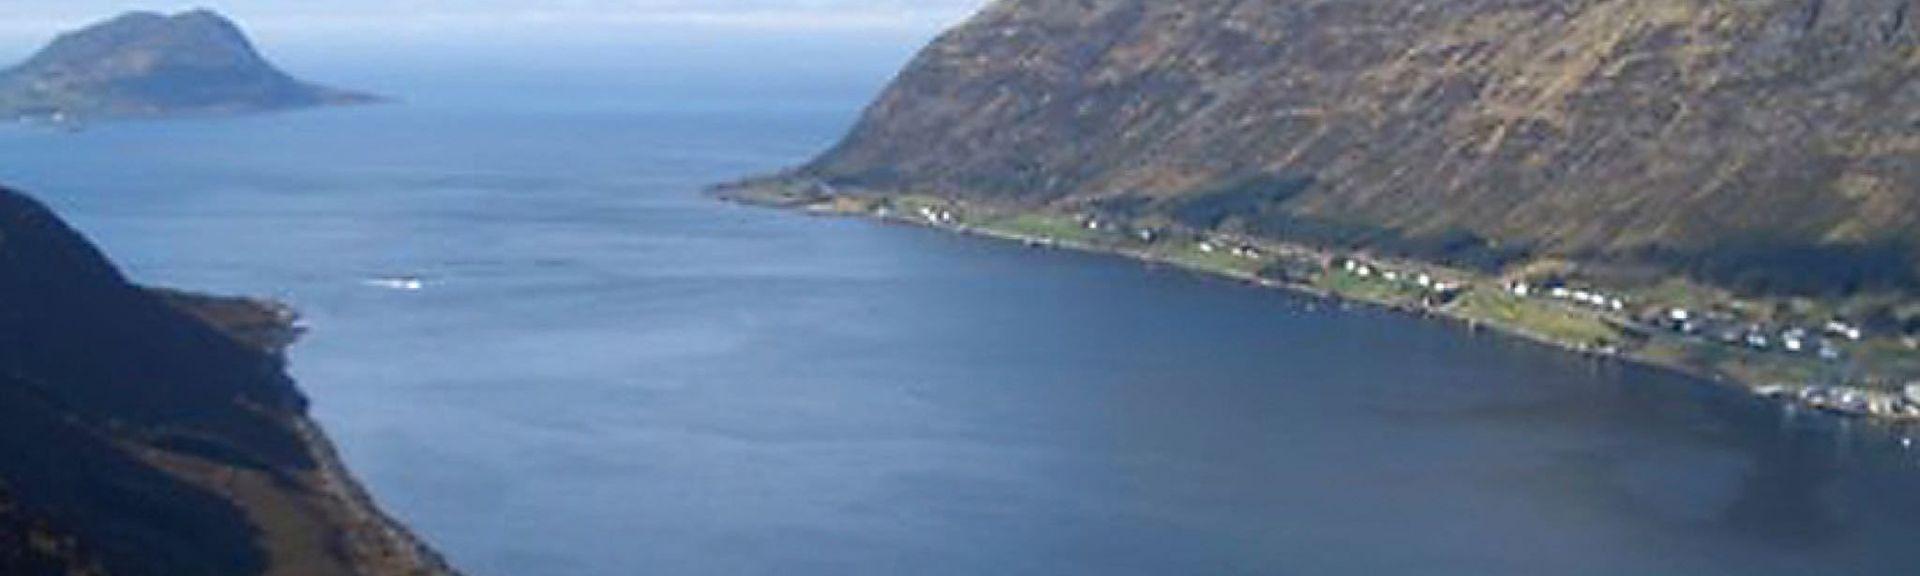 Vanylven, Norway